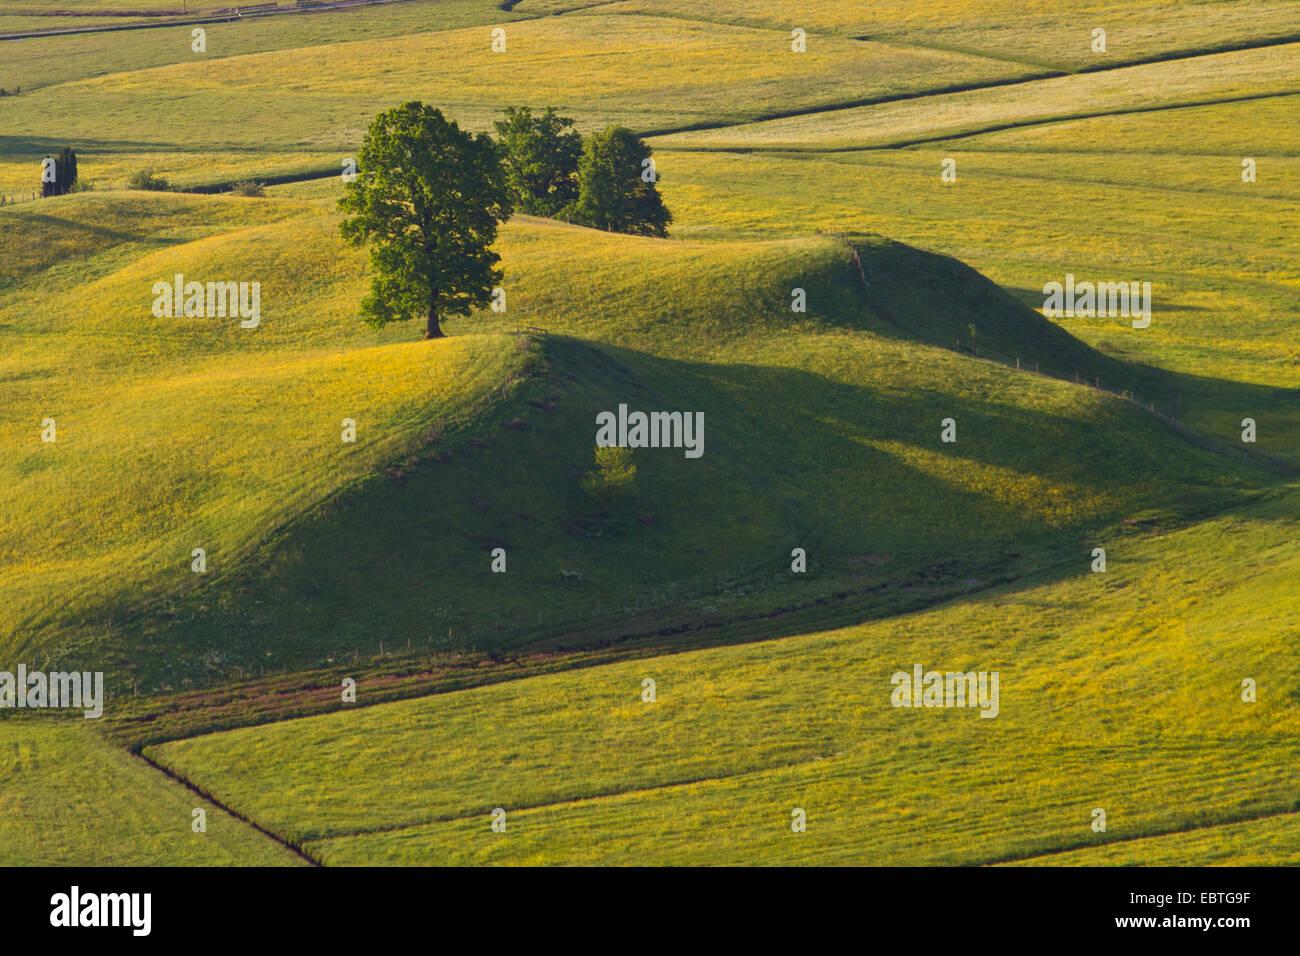 Prato e il paesaggio collinare a Murnauer Moos, in Germania, in Baviera, Eschenlohe Immagini Stock